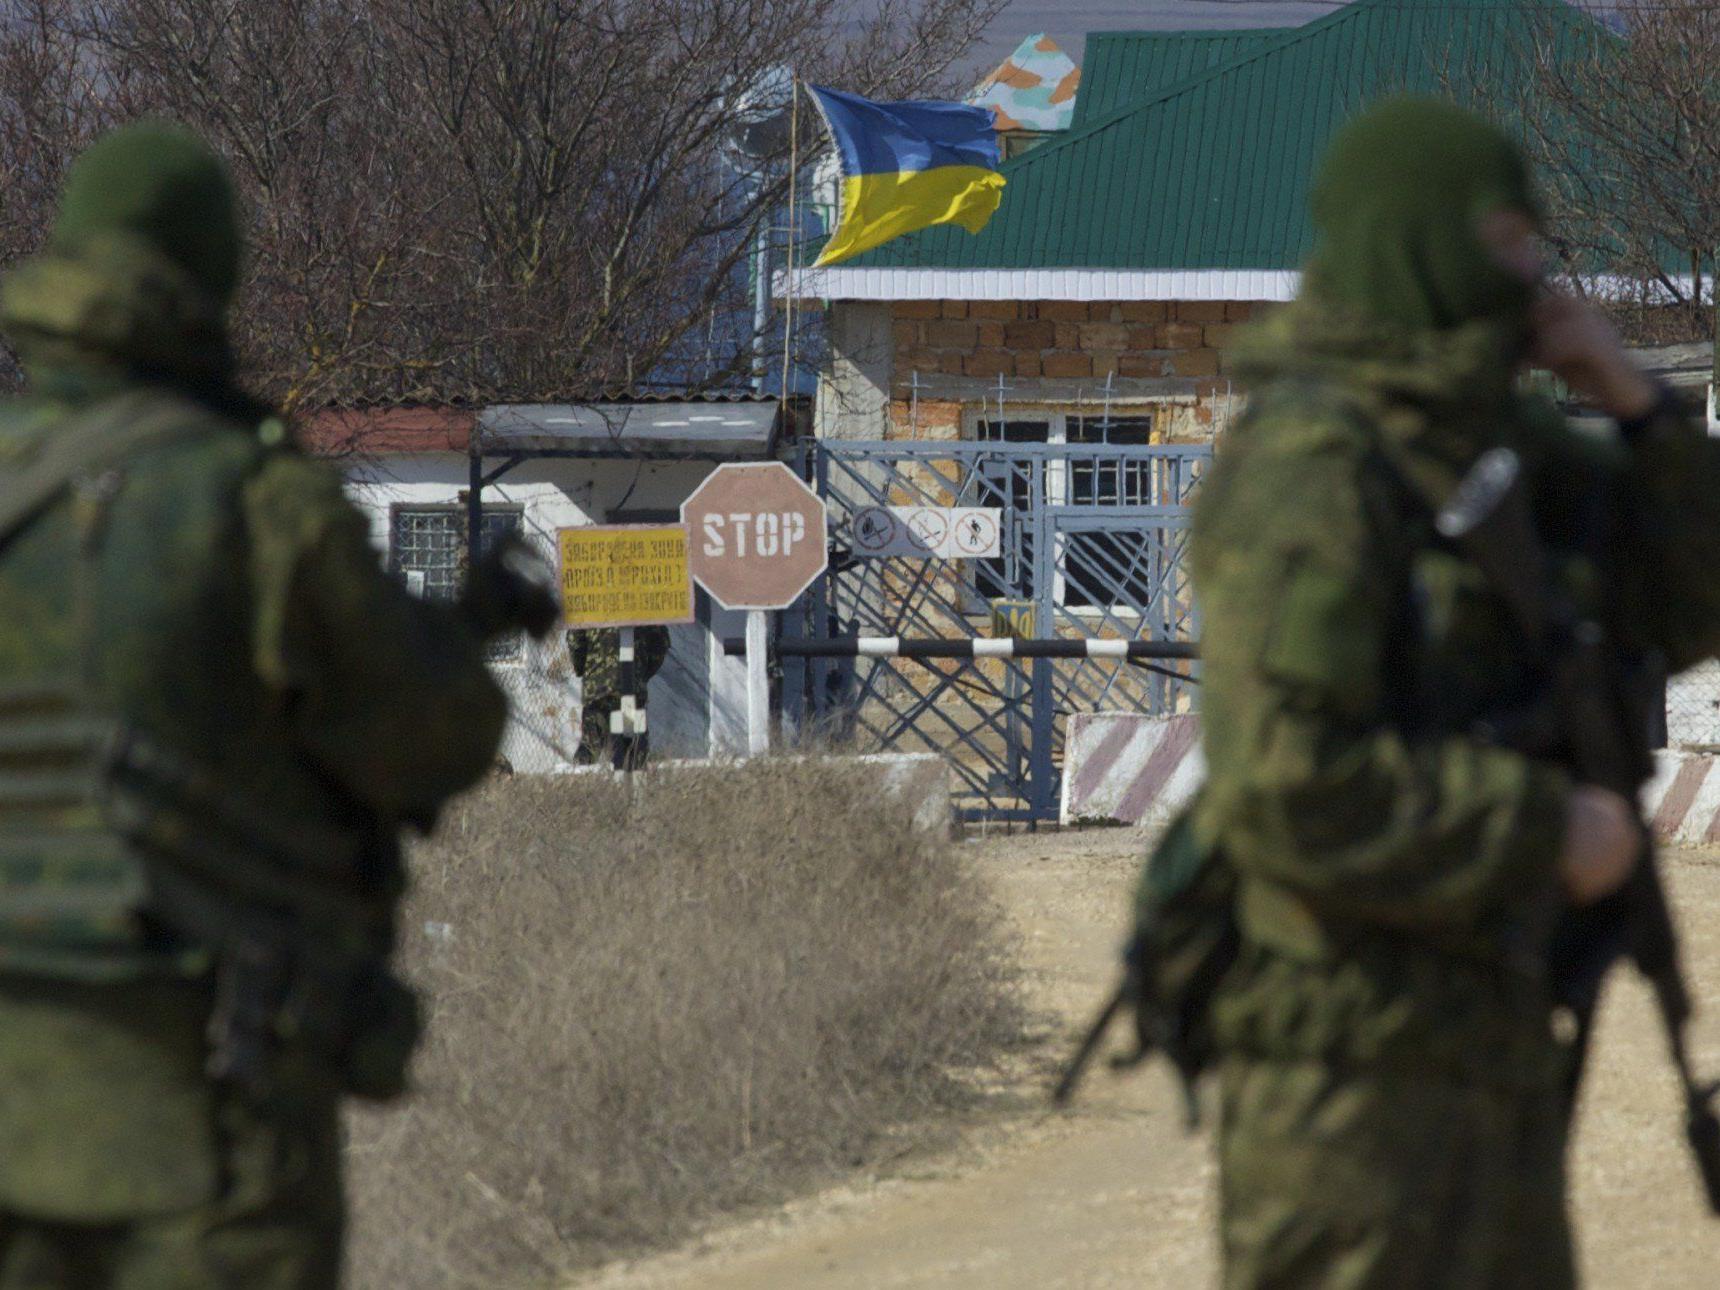 Russische Soldaten blockieren eine ukrainische Marinebasis, während immer mehr russische Truppen auf die Krim verlegt werden.